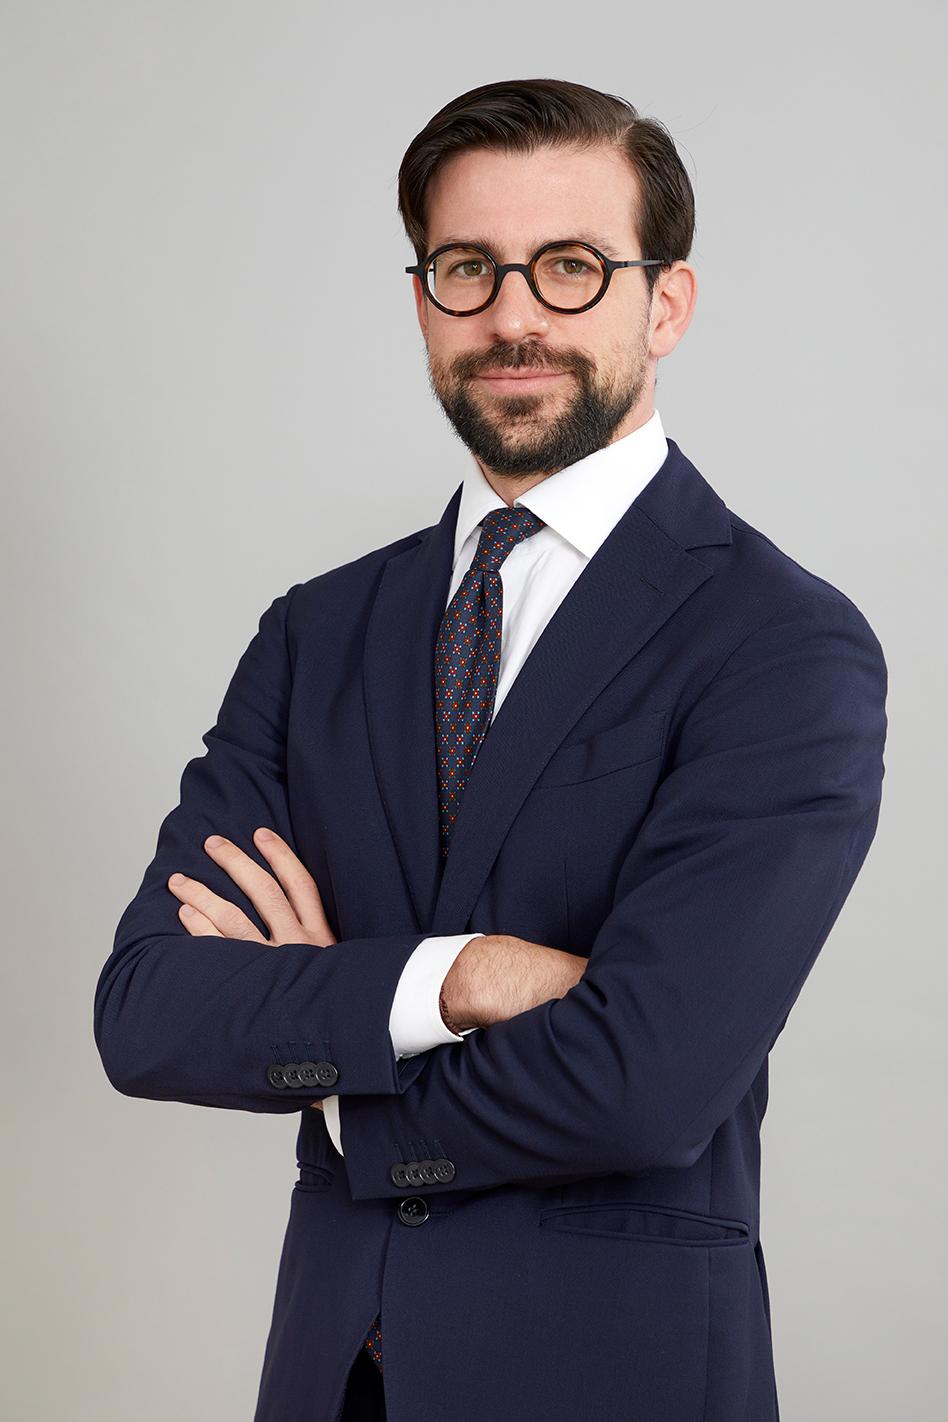 Luca Landriscina